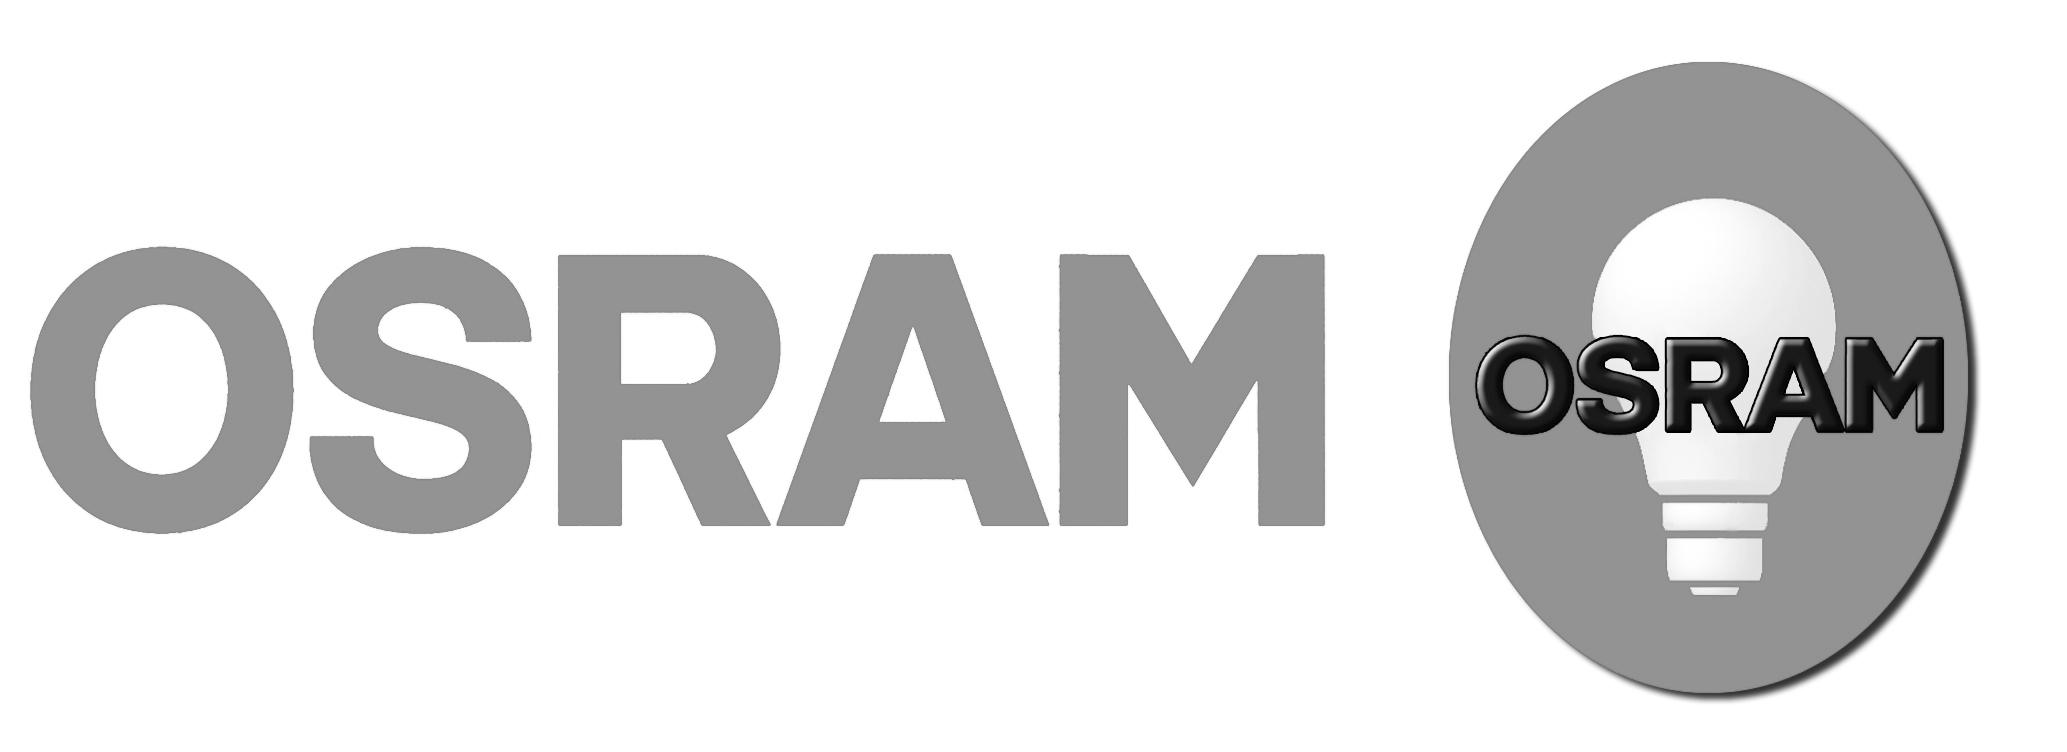 osram_logo_gs